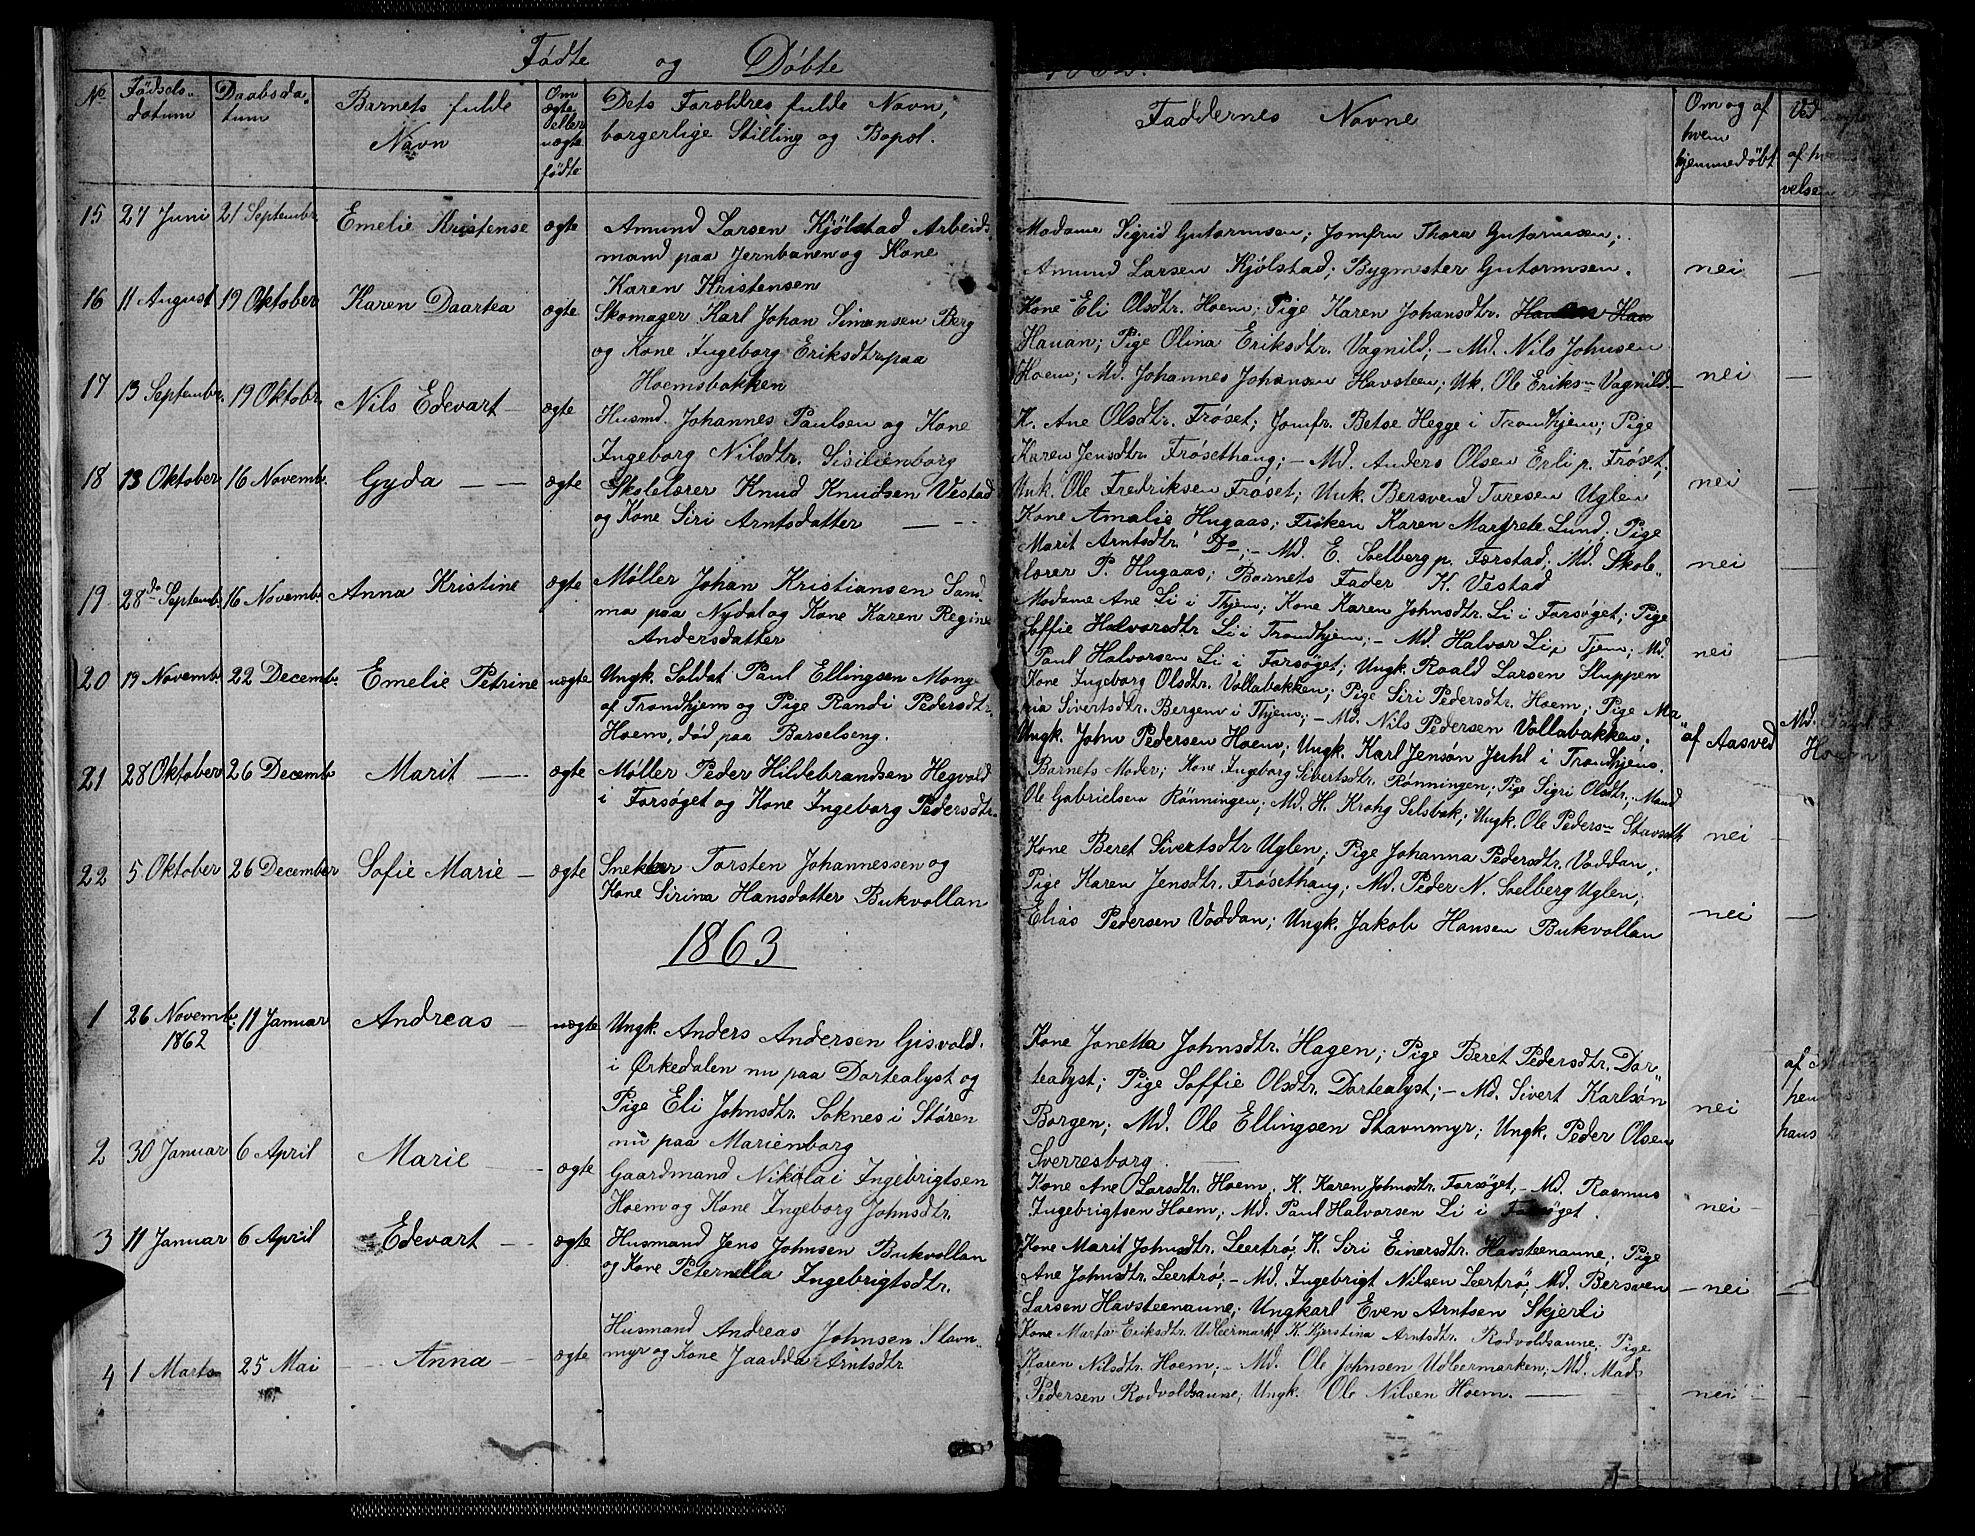 SAT, Ministerialprotokoller, klokkerbøker og fødselsregistre - Sør-Trøndelag, 611/L0353: Klokkerbok nr. 611C01, 1854-1881, s. 8